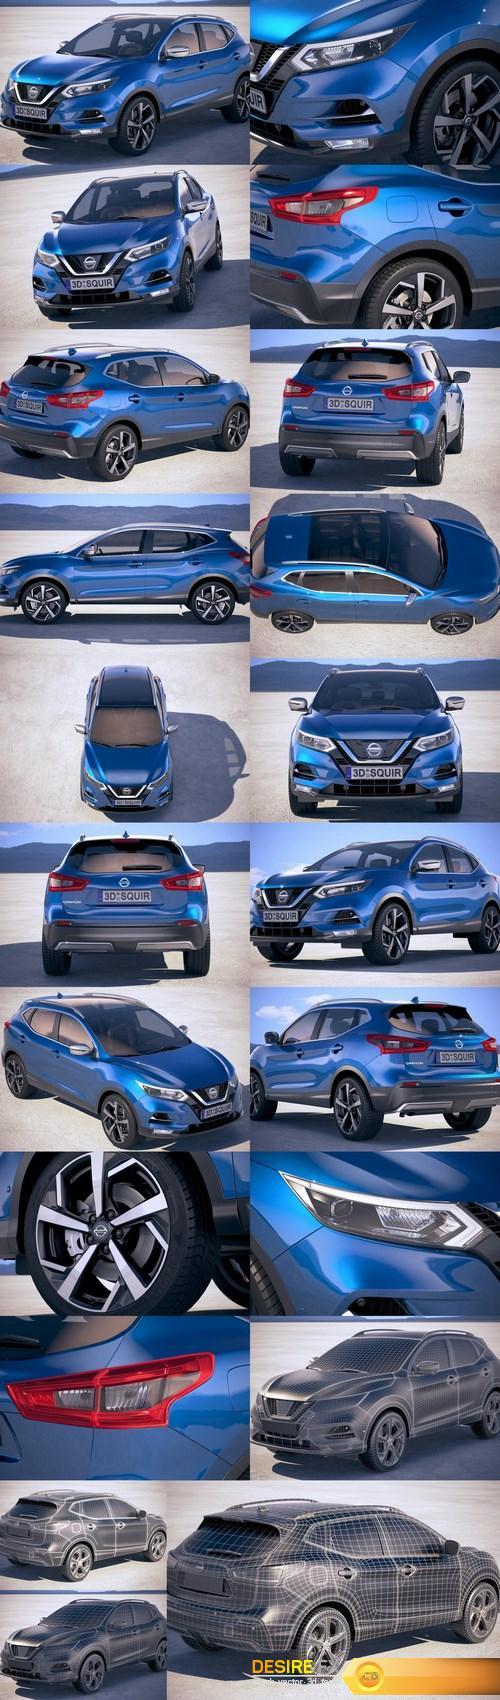 Nissan Qashqai 2018 – 3D Model